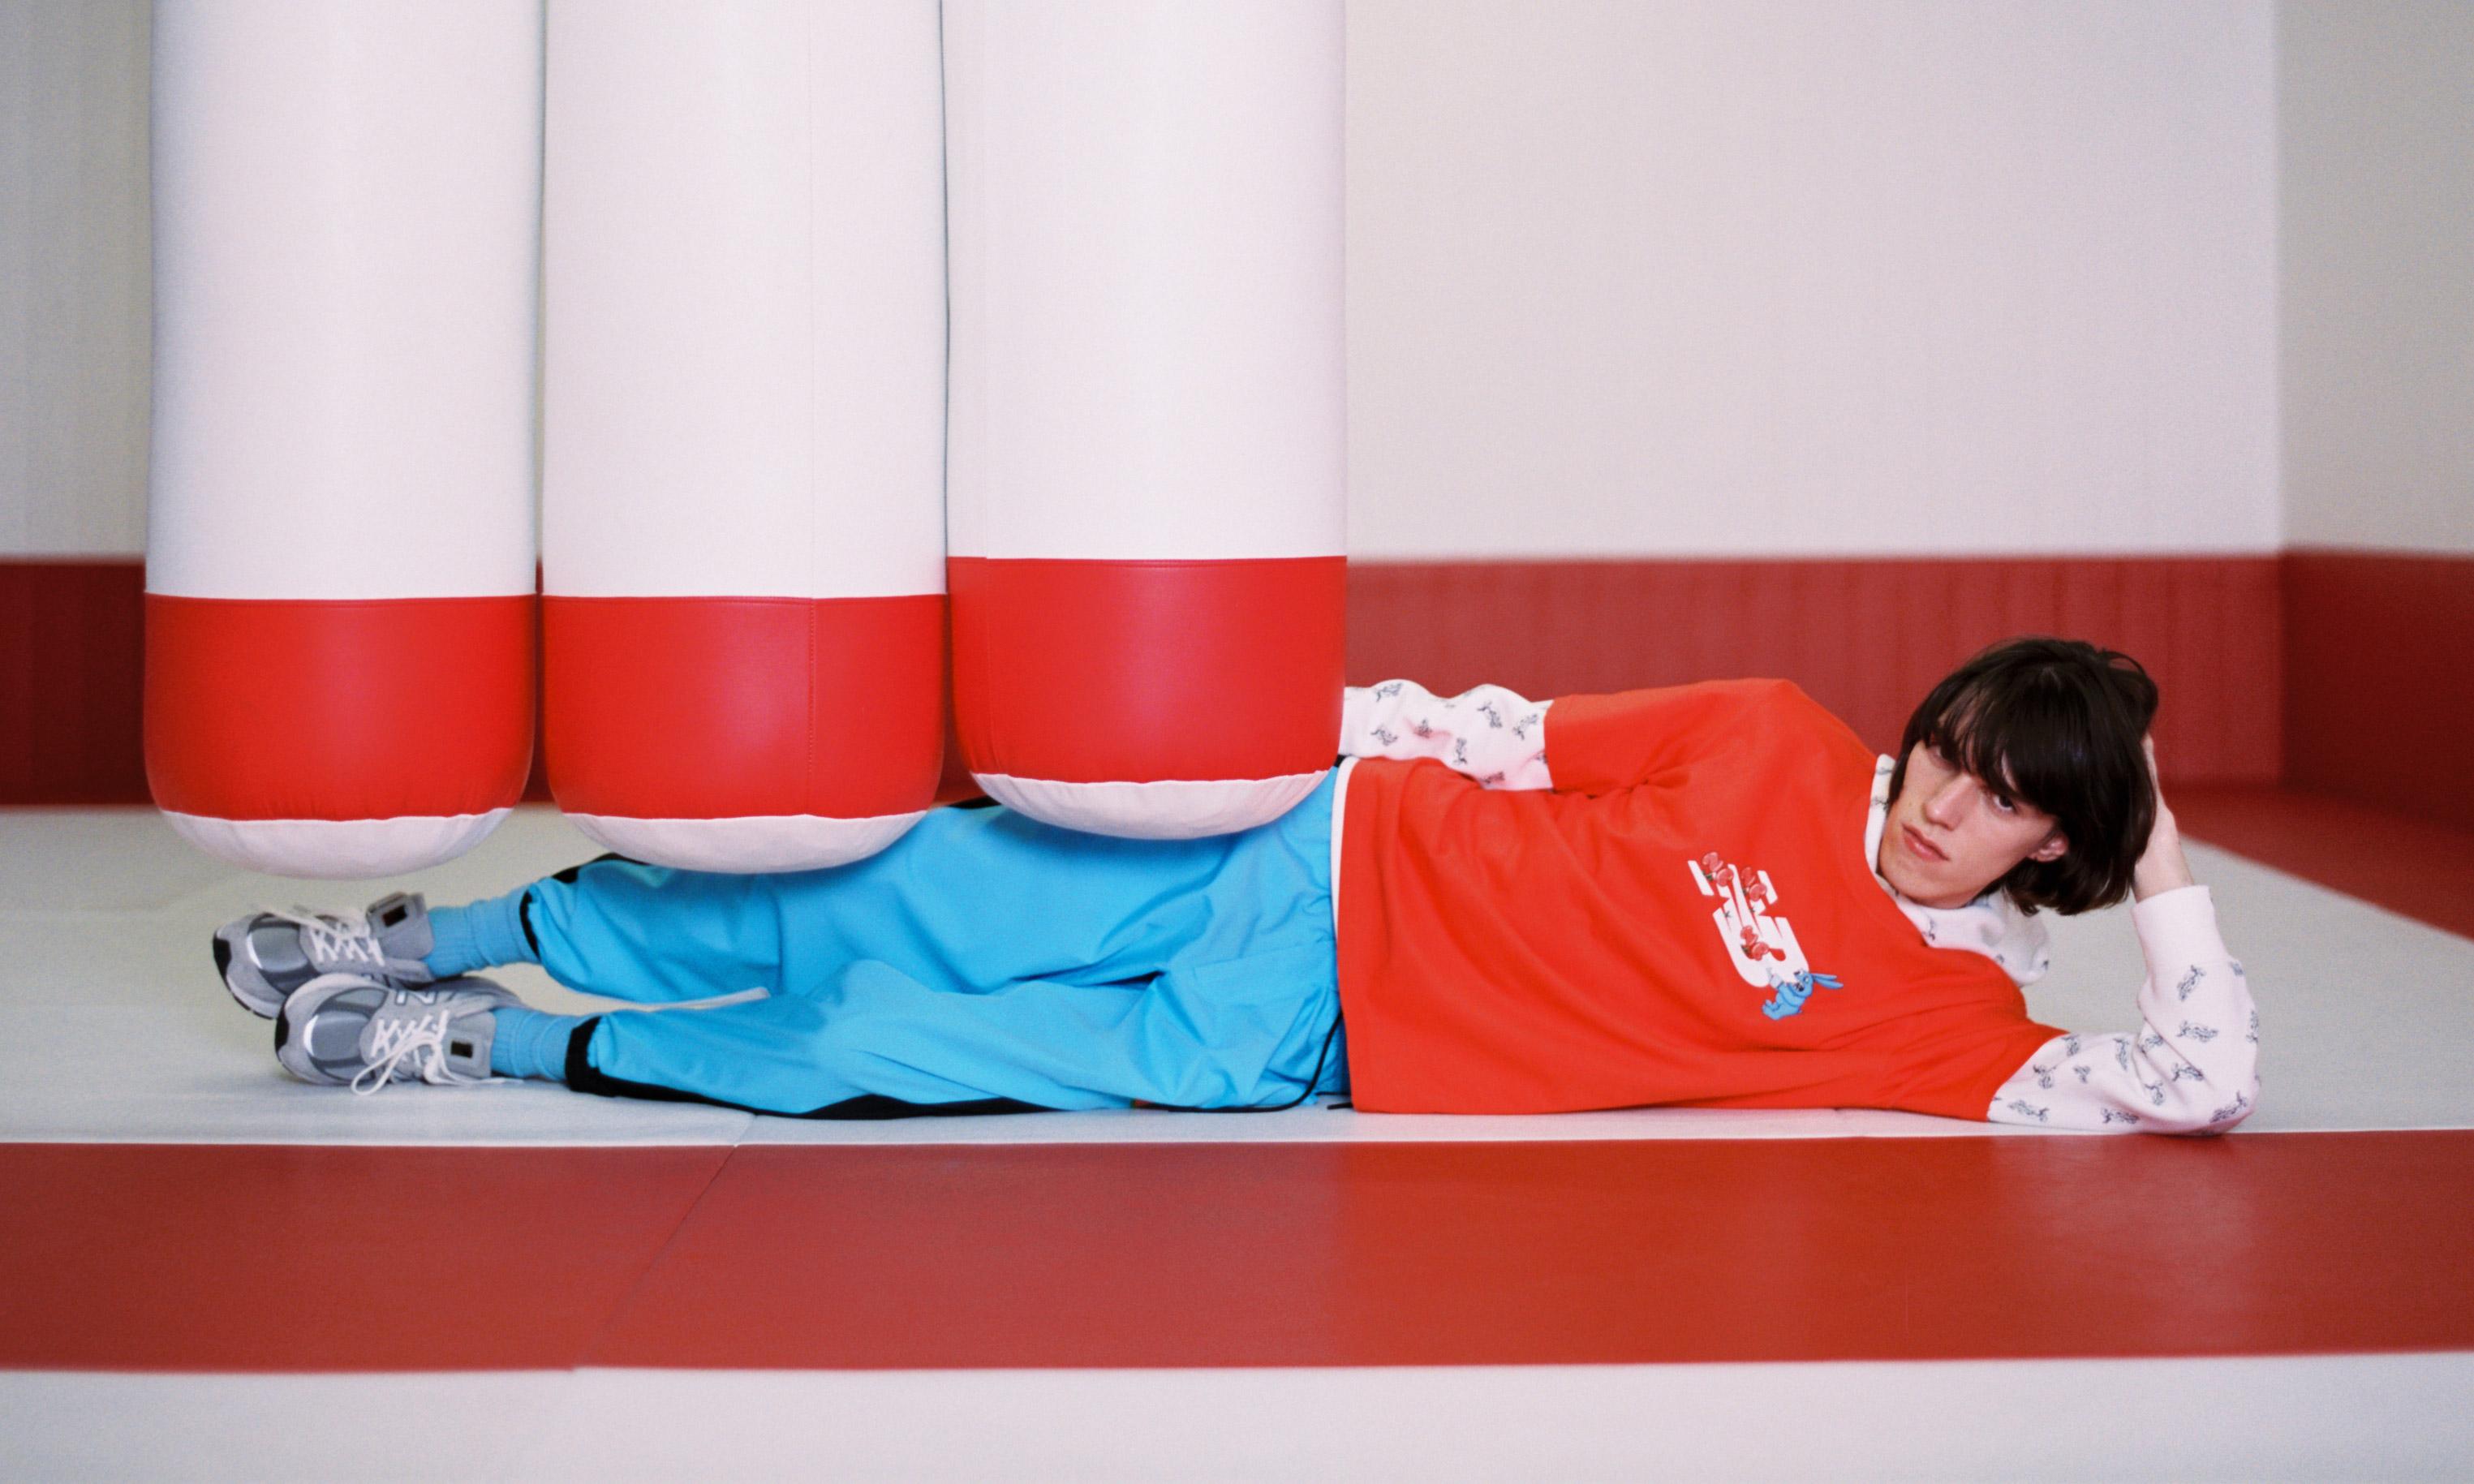 童年趣梦点亮运动风潮,Melting Sadness x New Balance 联名系列释出